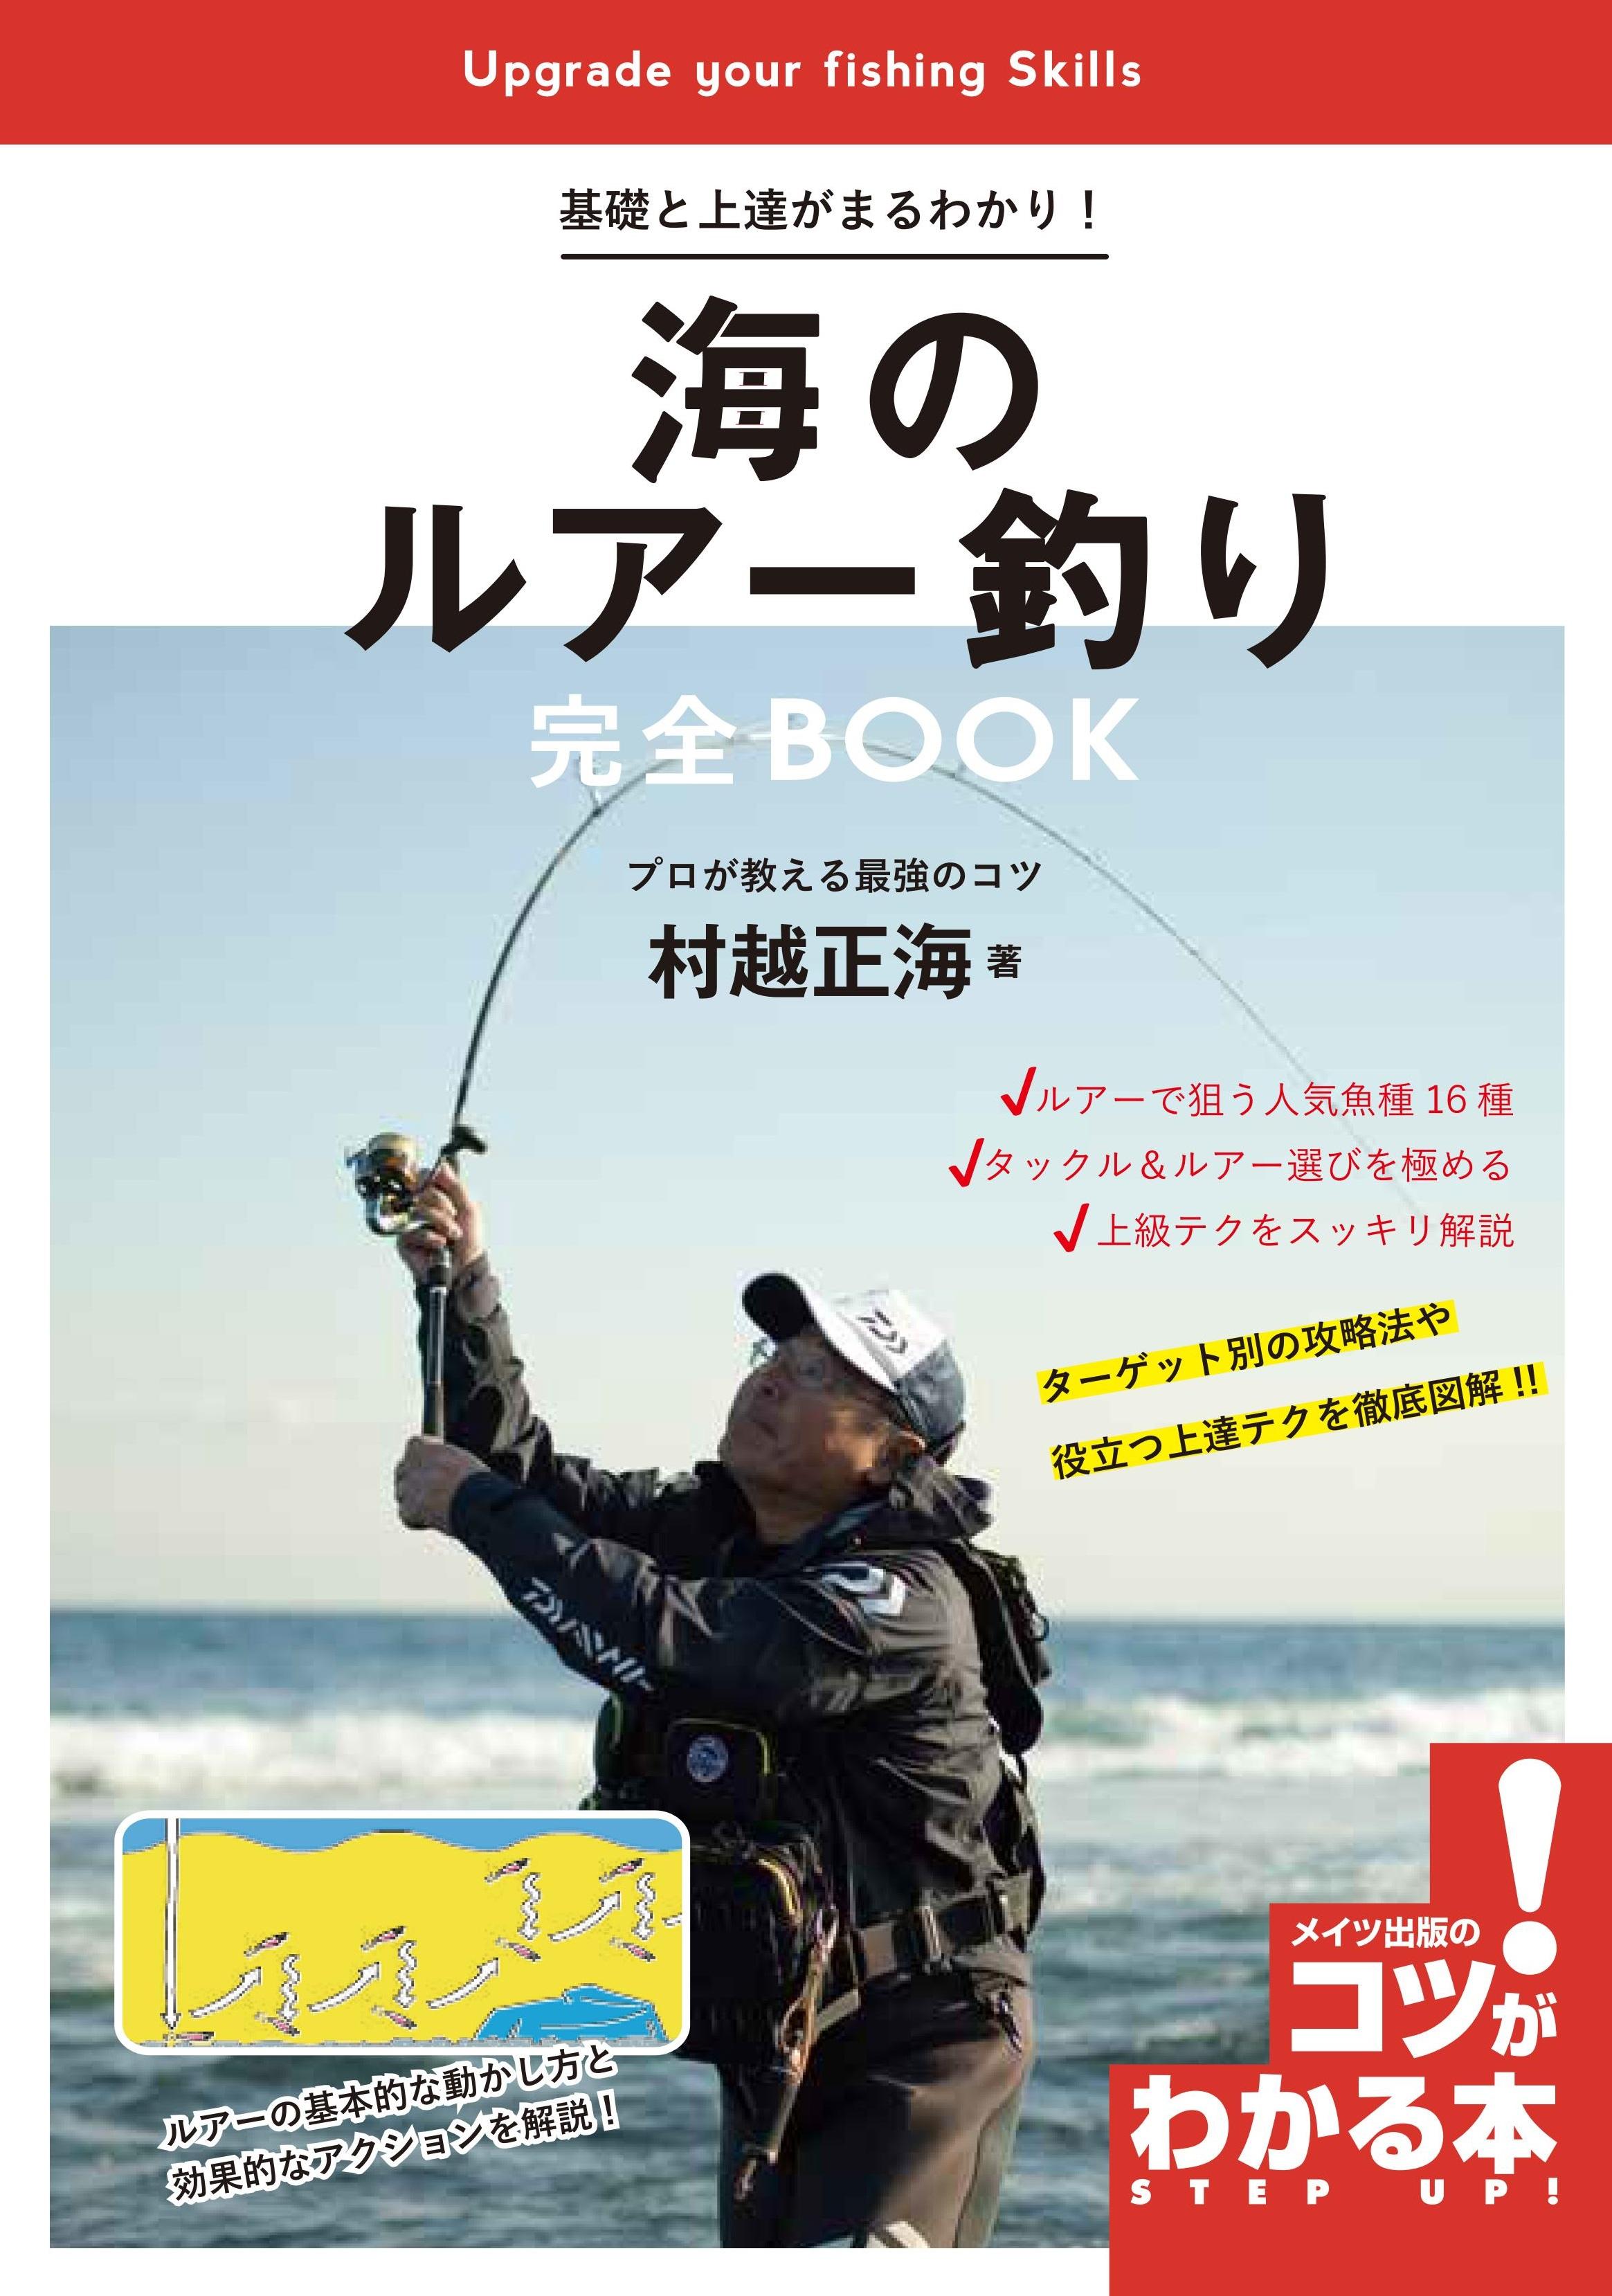 基礎と上達がまるわかり! 海のルアー釣り 完全BOOK プロが教える最強のコツ